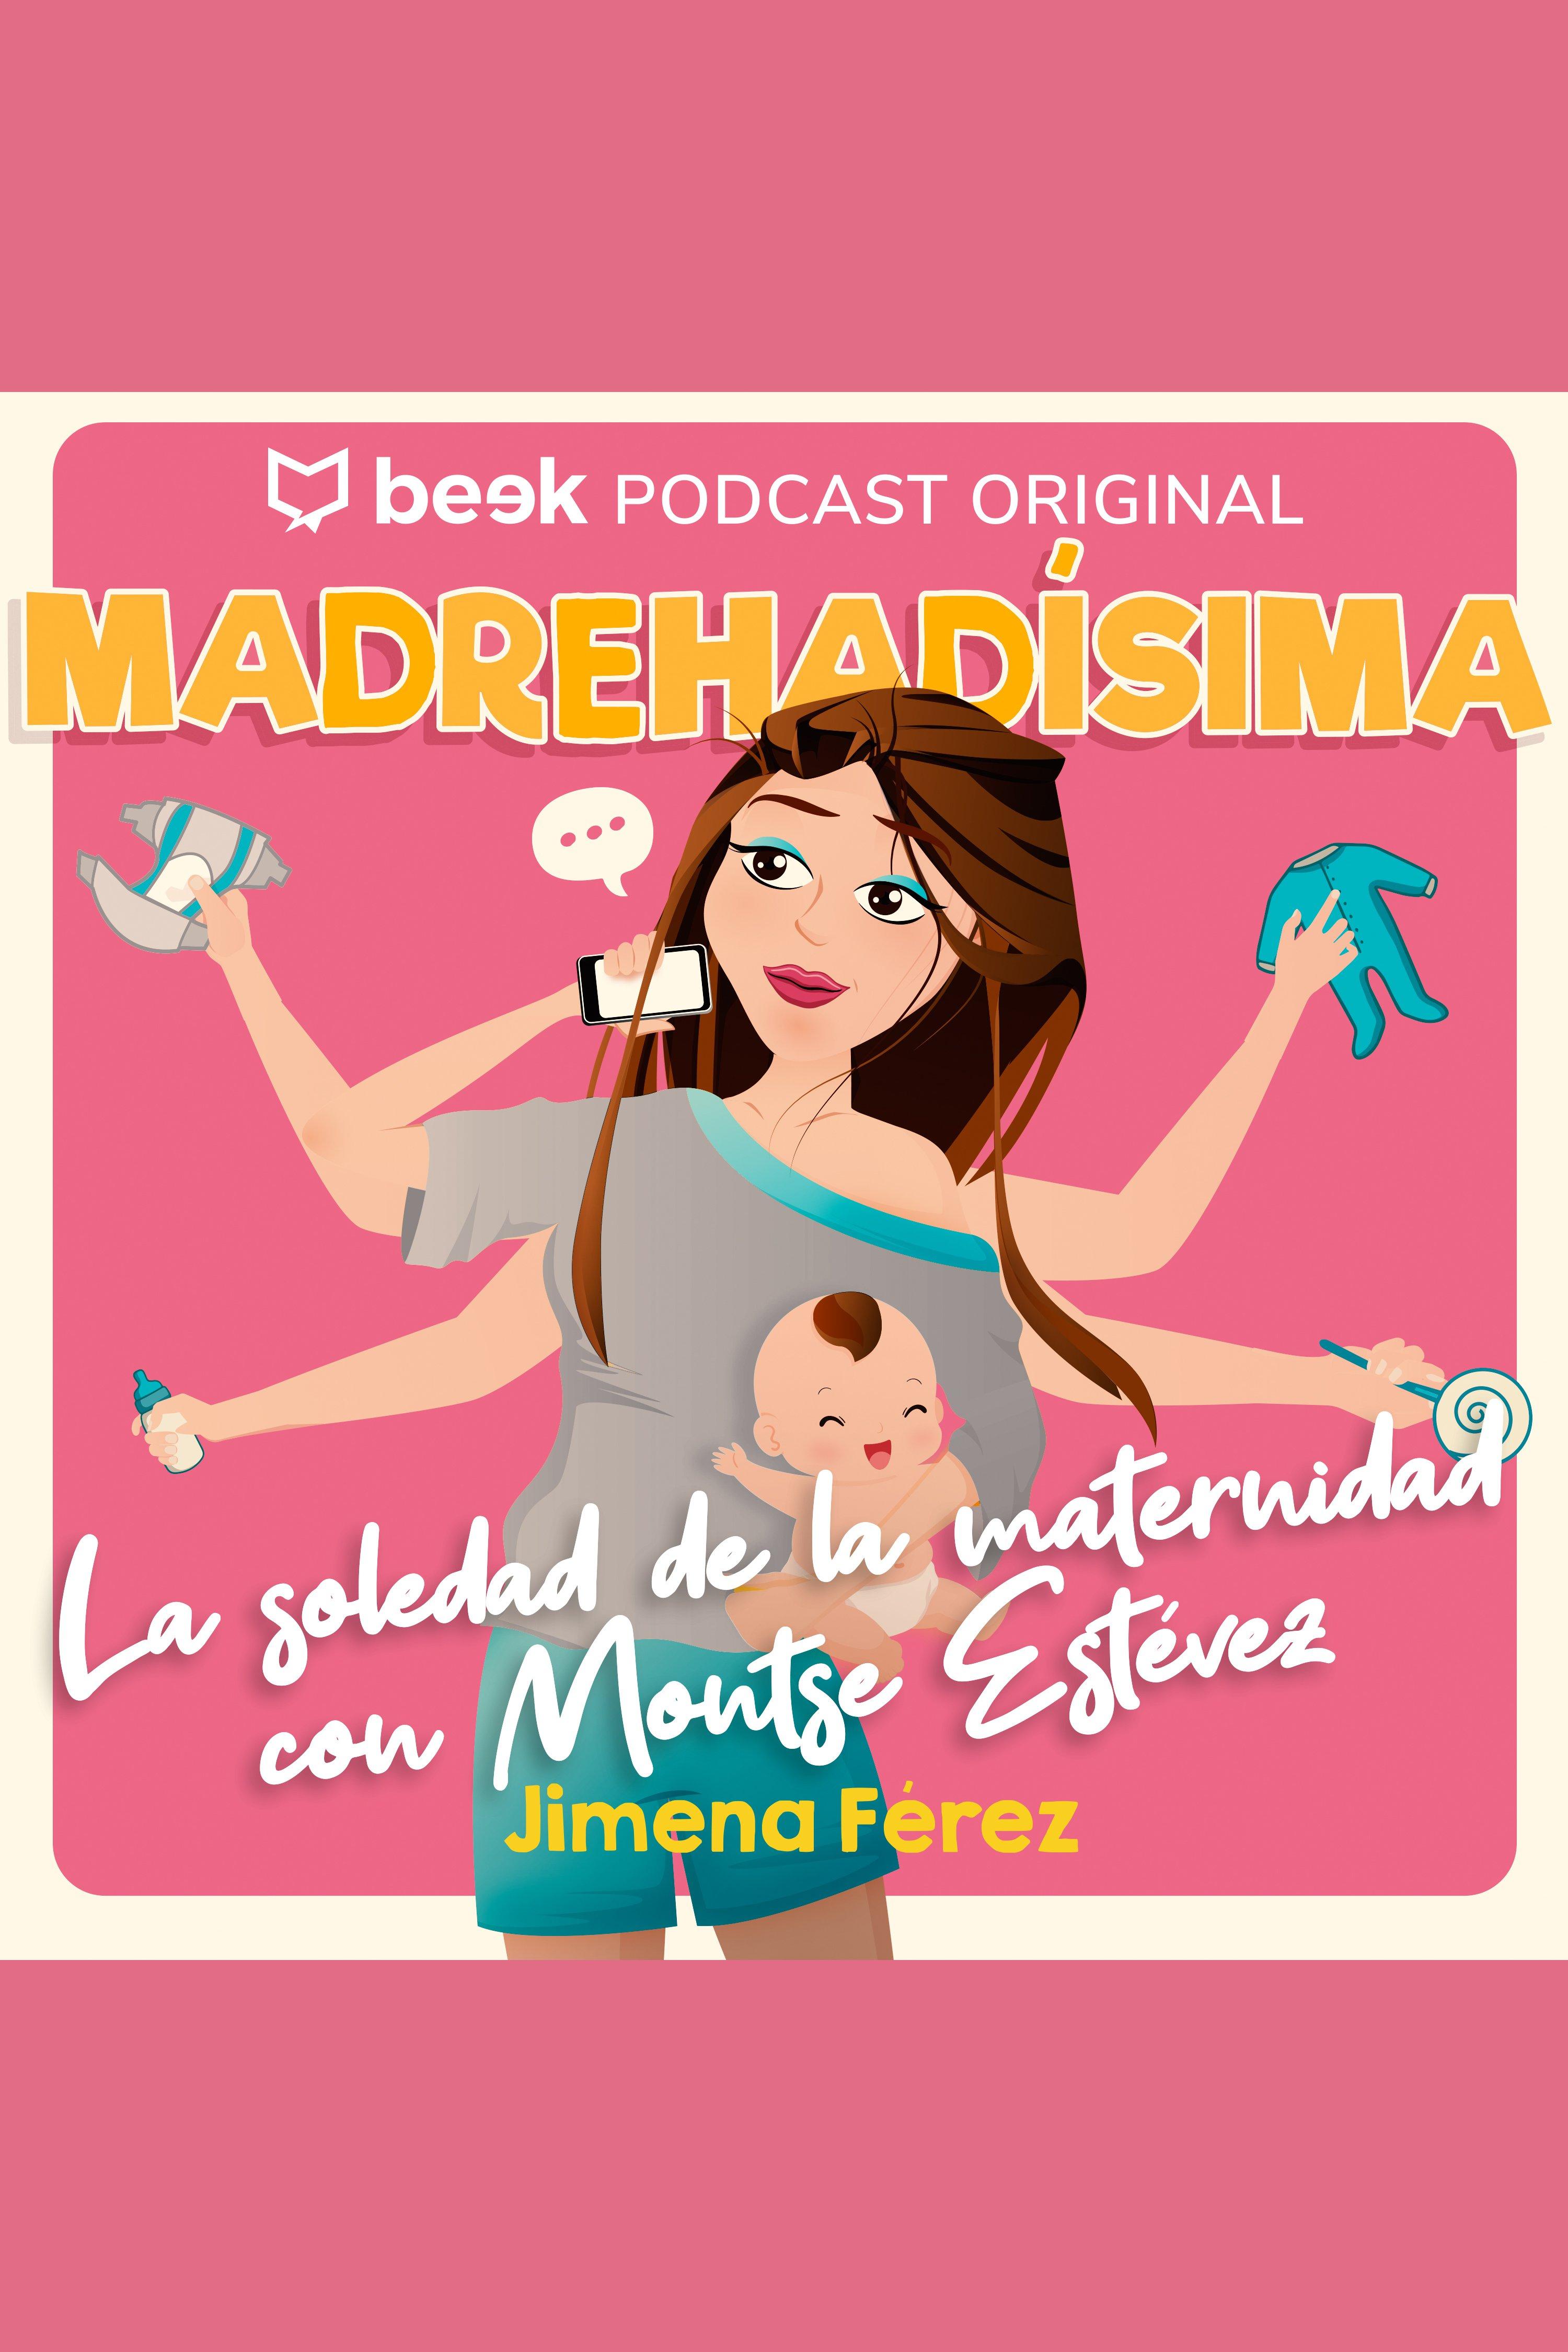 Esta es la portada del audiolibro La soledad de la maternidad